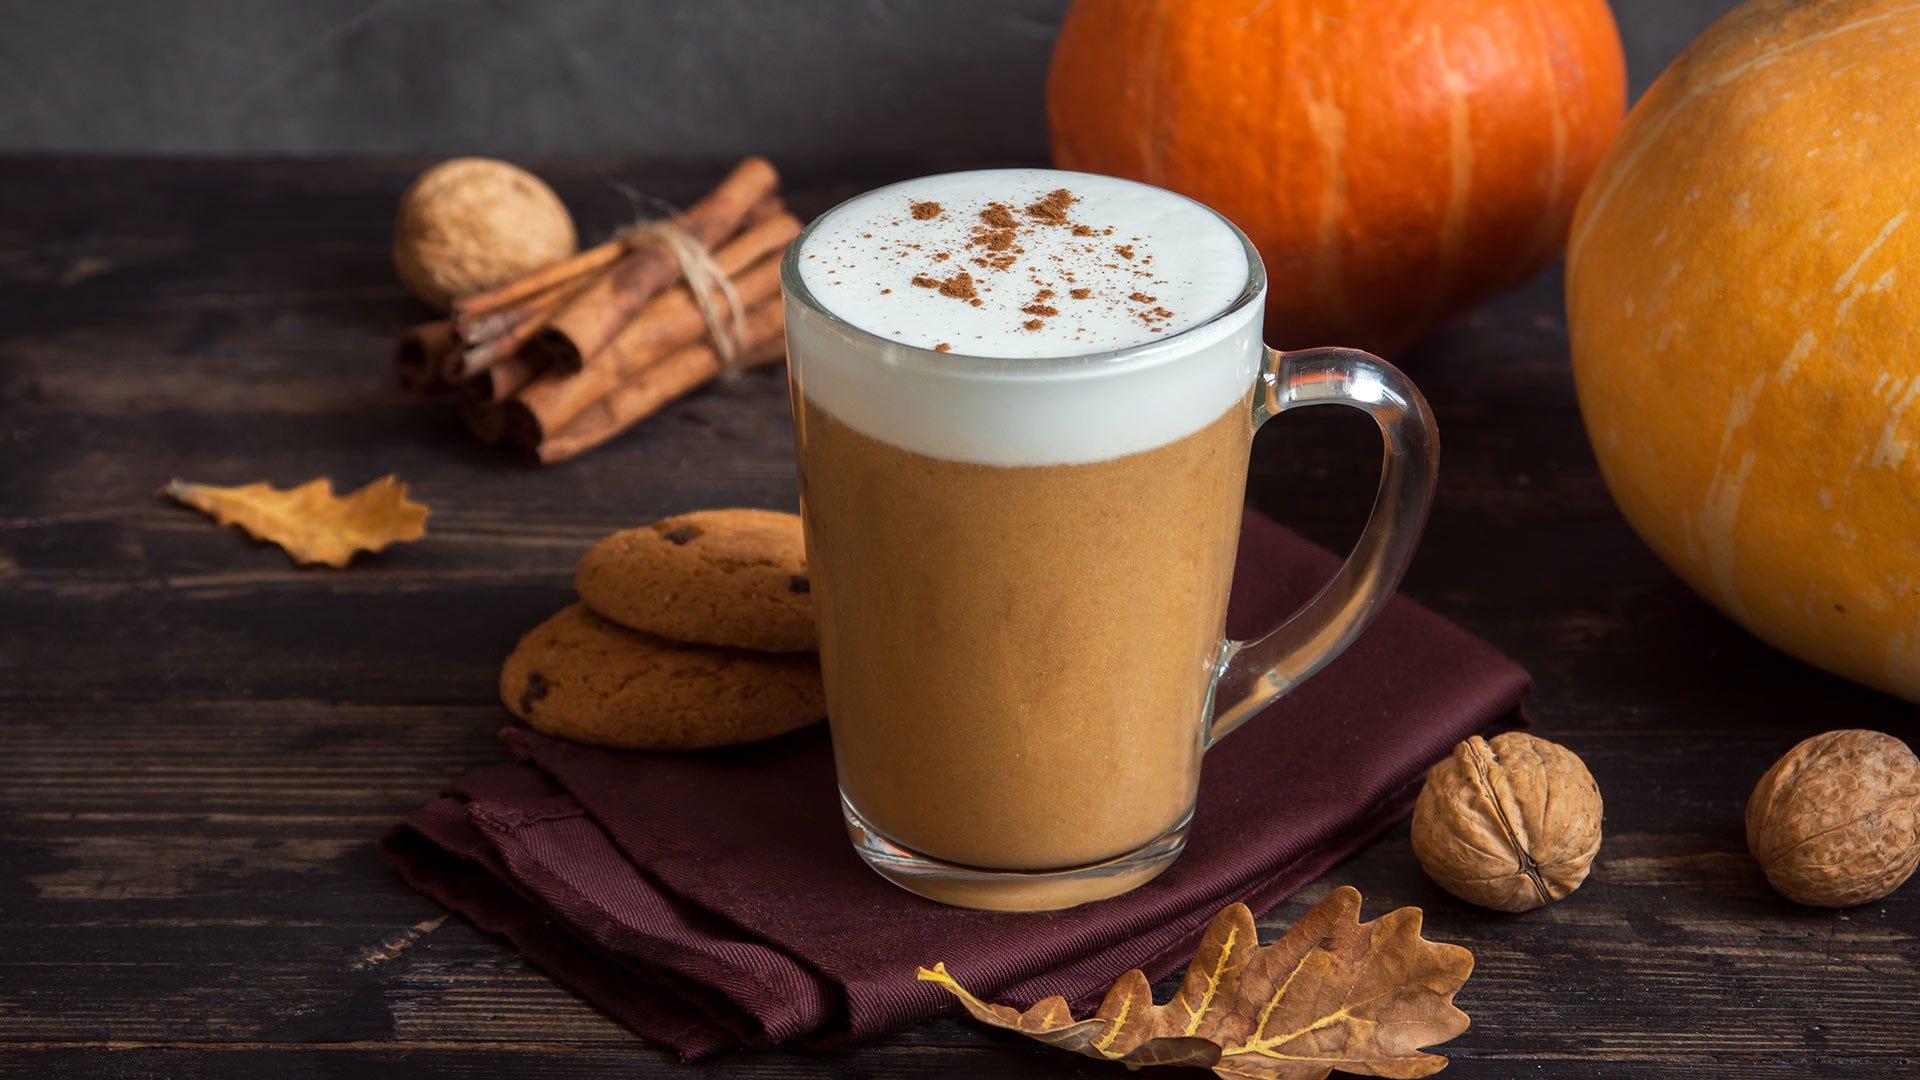 Uma bebida Pumpkin Spice Latte sobre uma mesa com biscoitos, paus de canela e abóboras.